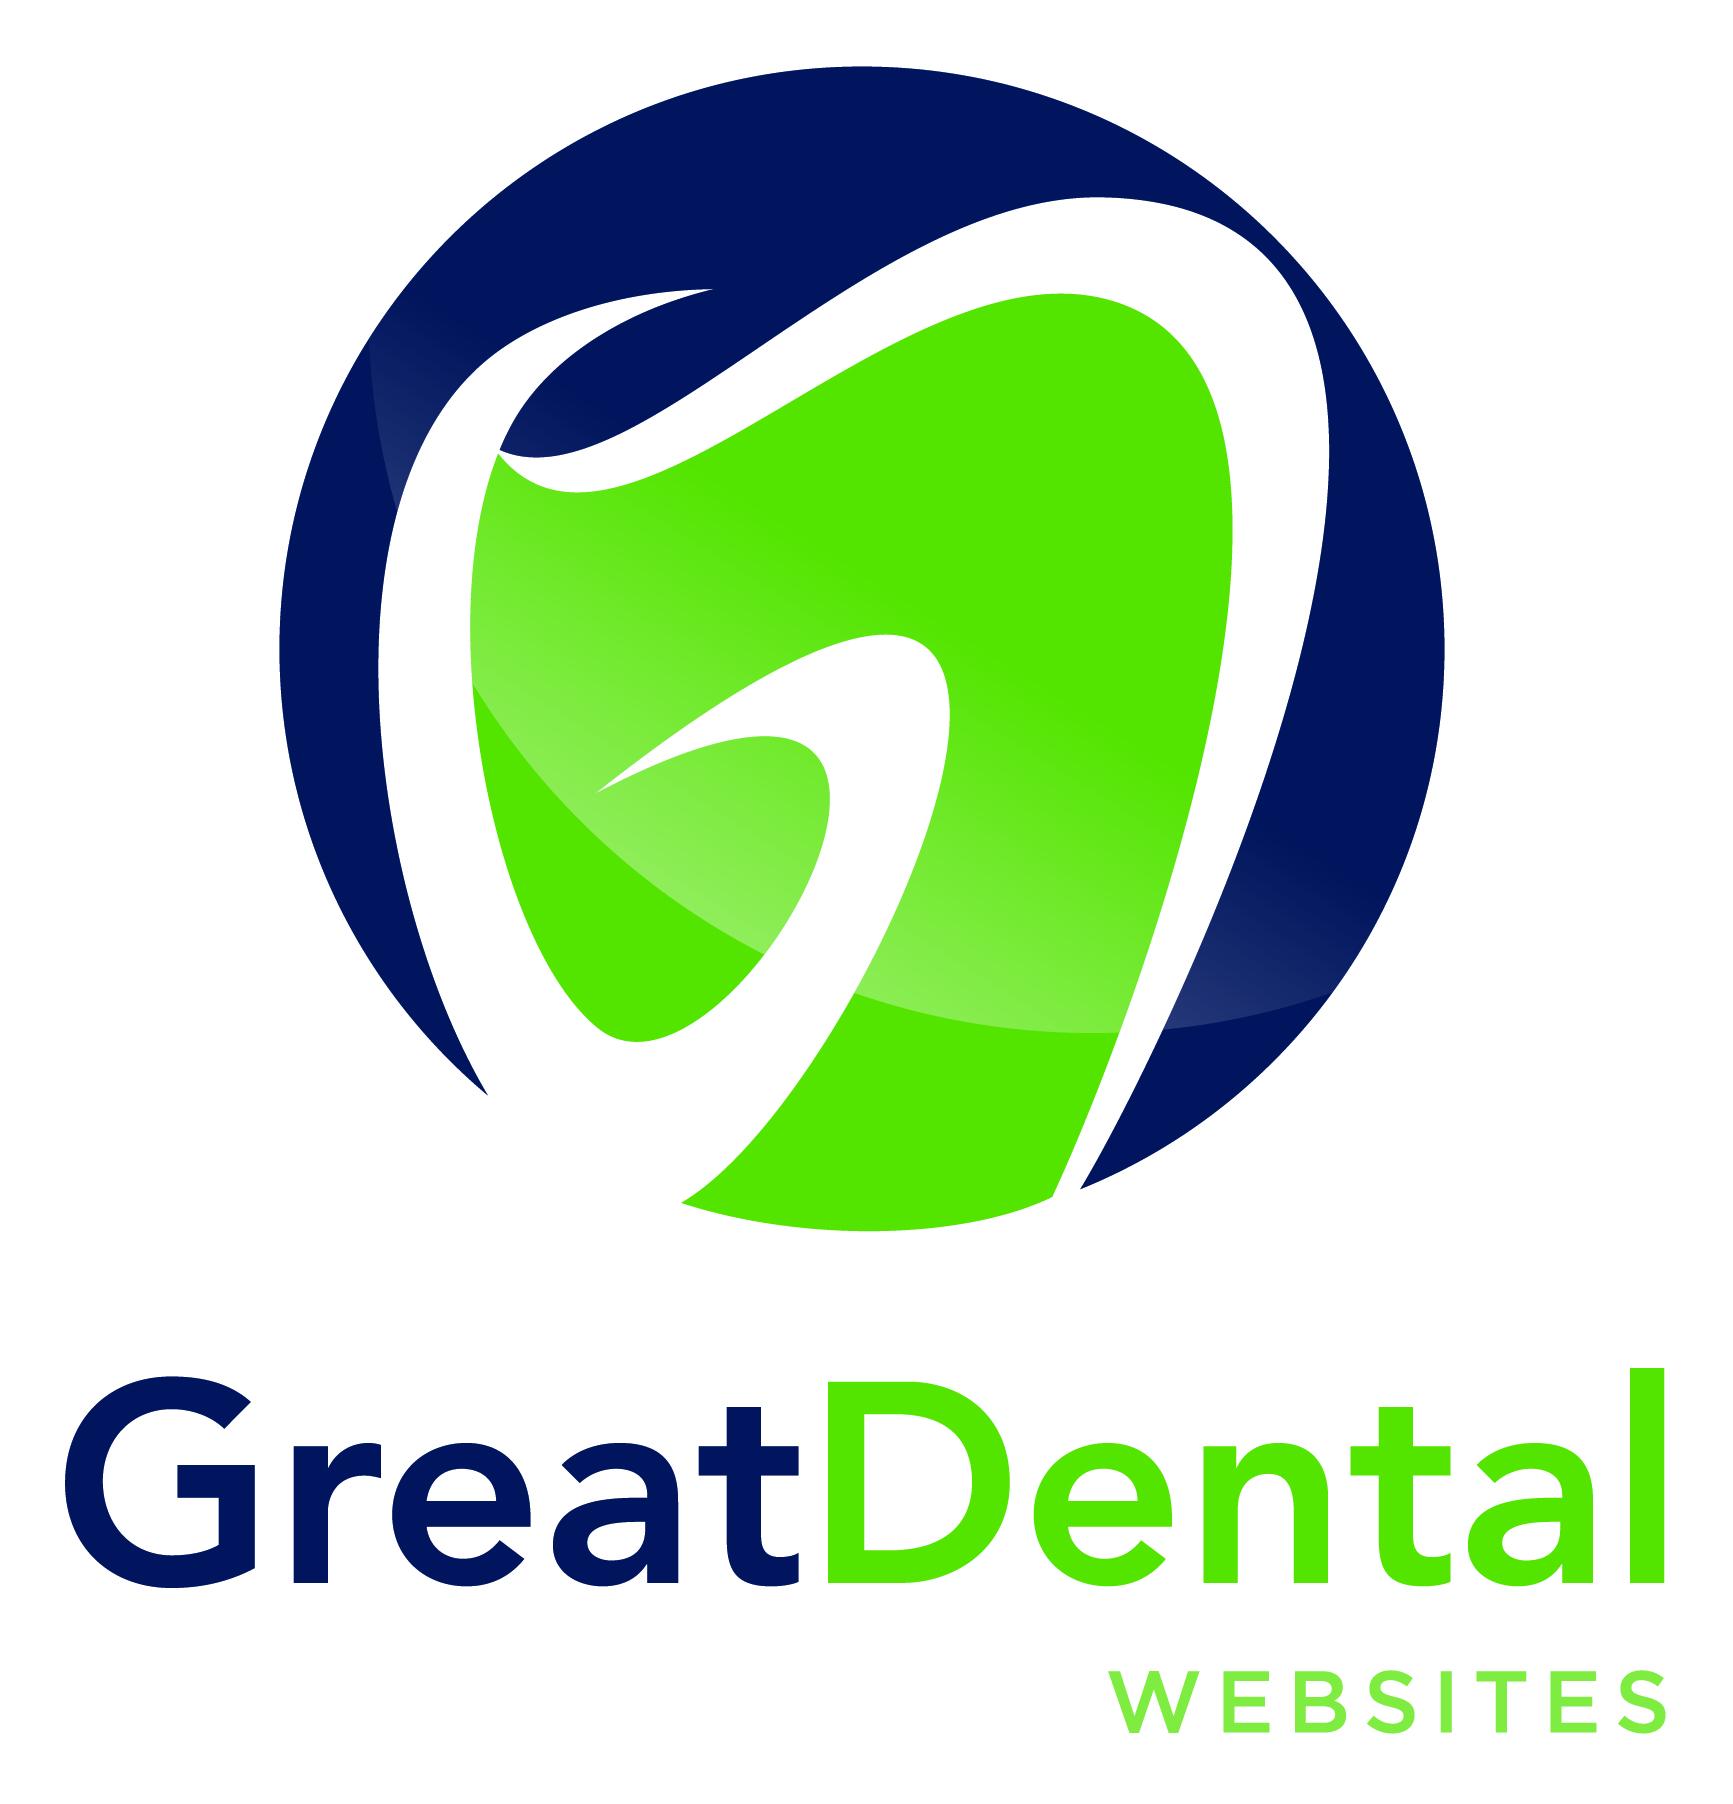 Great Dental Websites